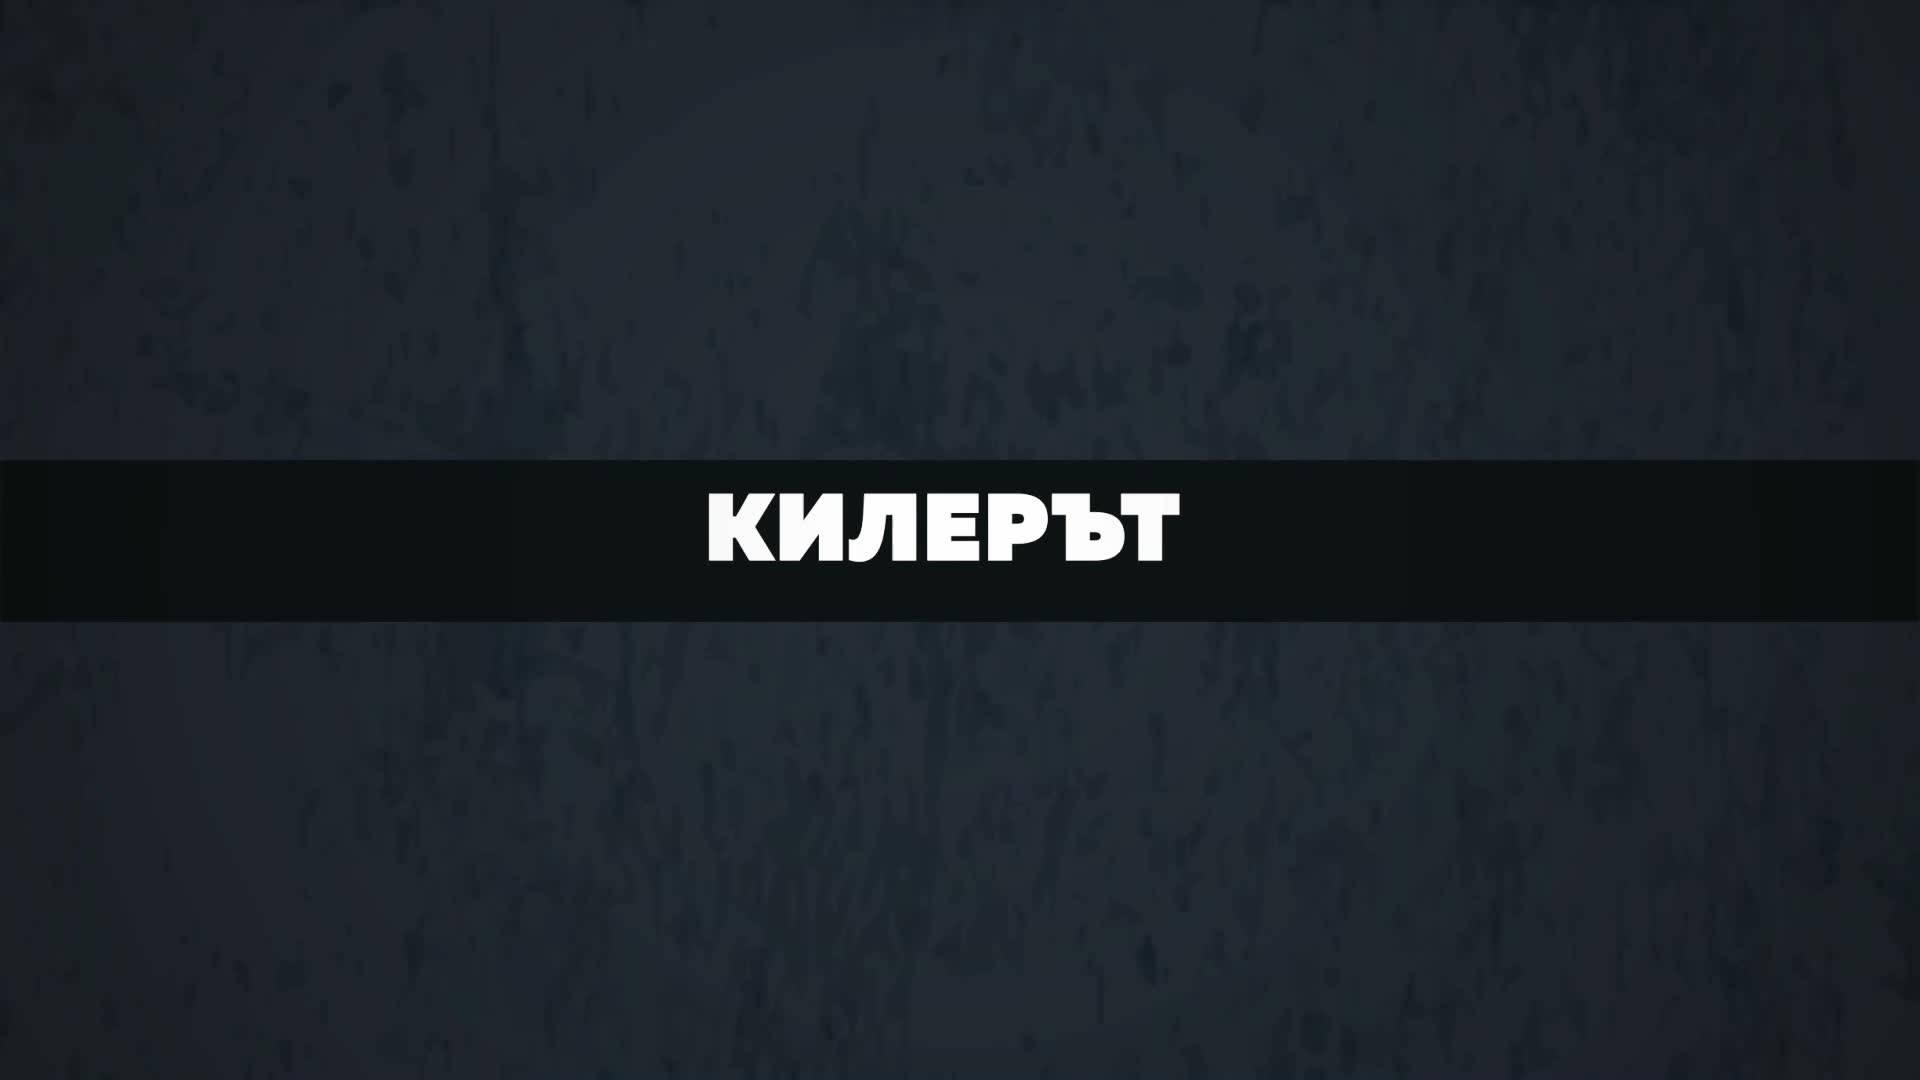 Килерът - нов sci-fi mistery сериал във Vbox7!